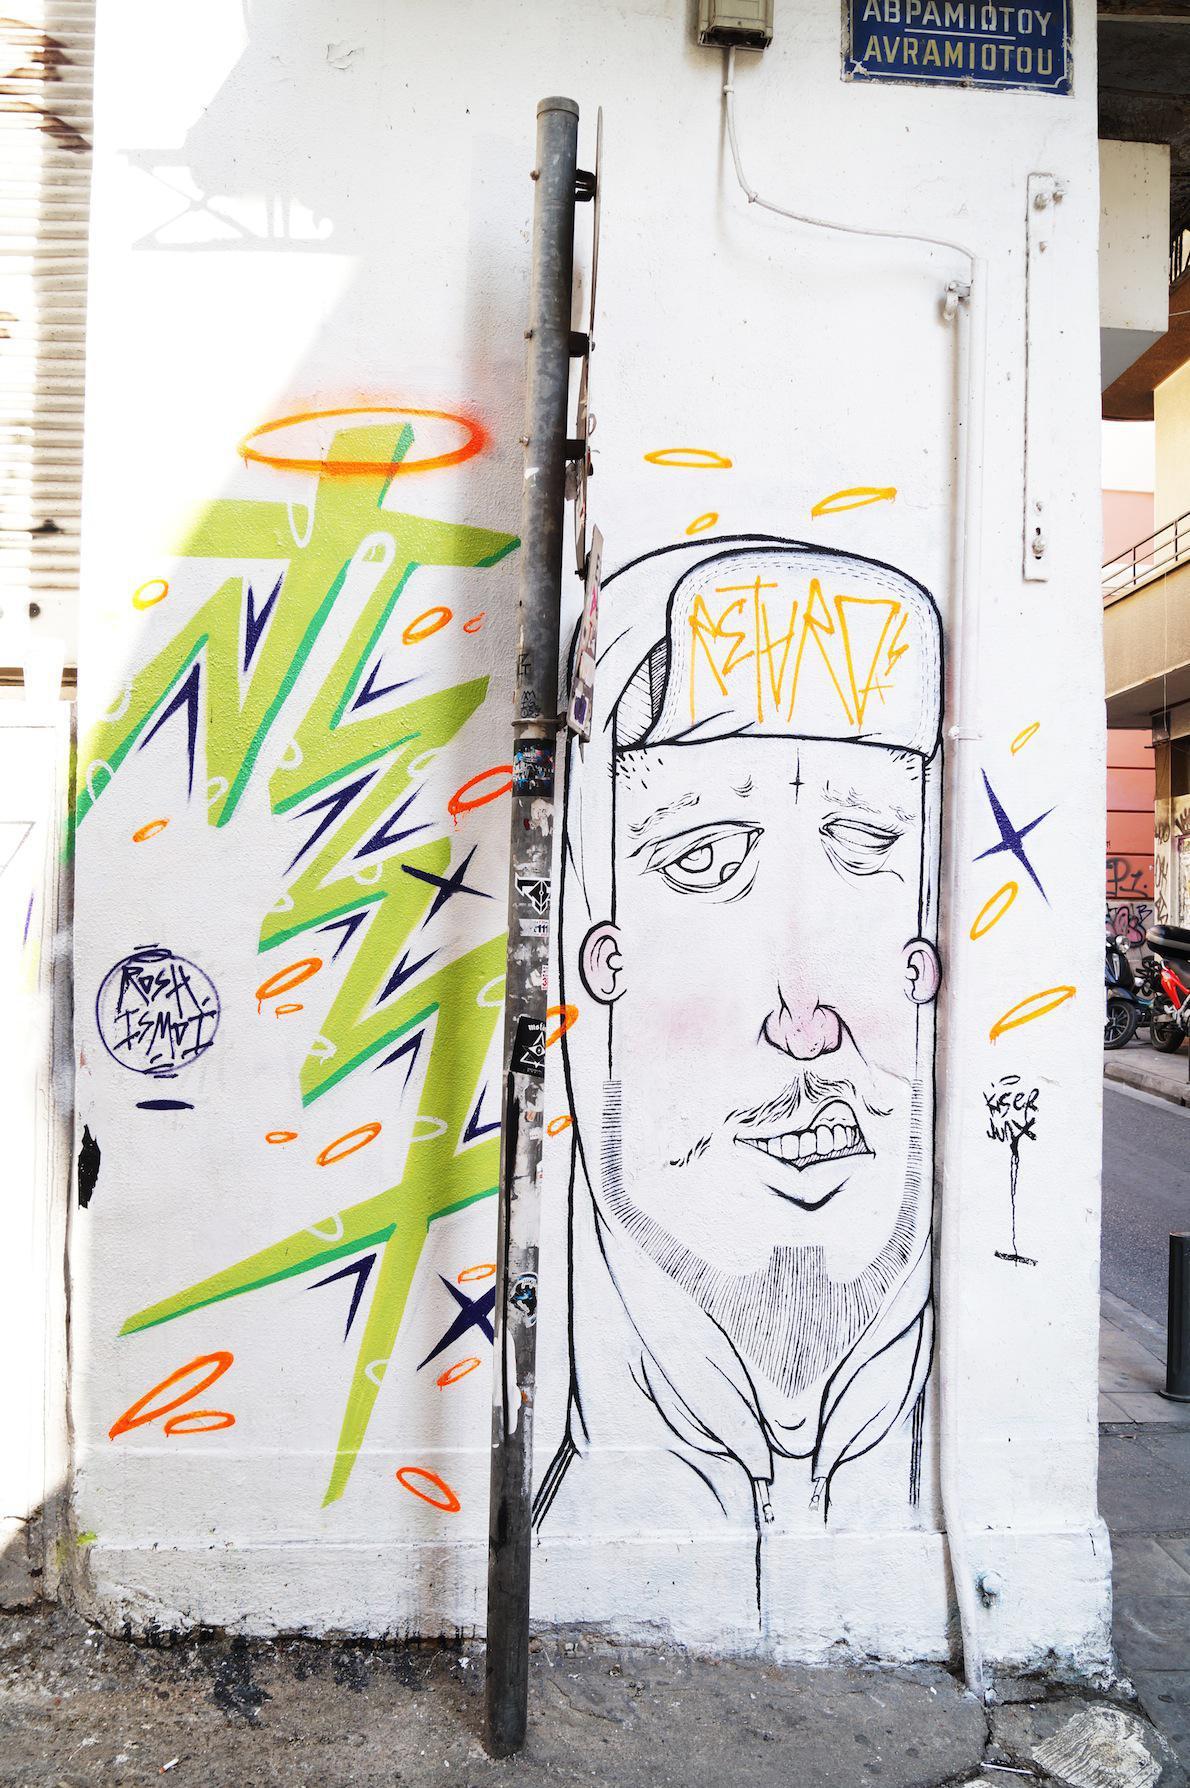 Μοναστηράκι  Artists: junx  Φρέσκια ματιά στο αθηναϊκό street art. Το crew χρησιμοποιεί στα έργα του κυρίως πλαστικό χρώμα και spray-paint